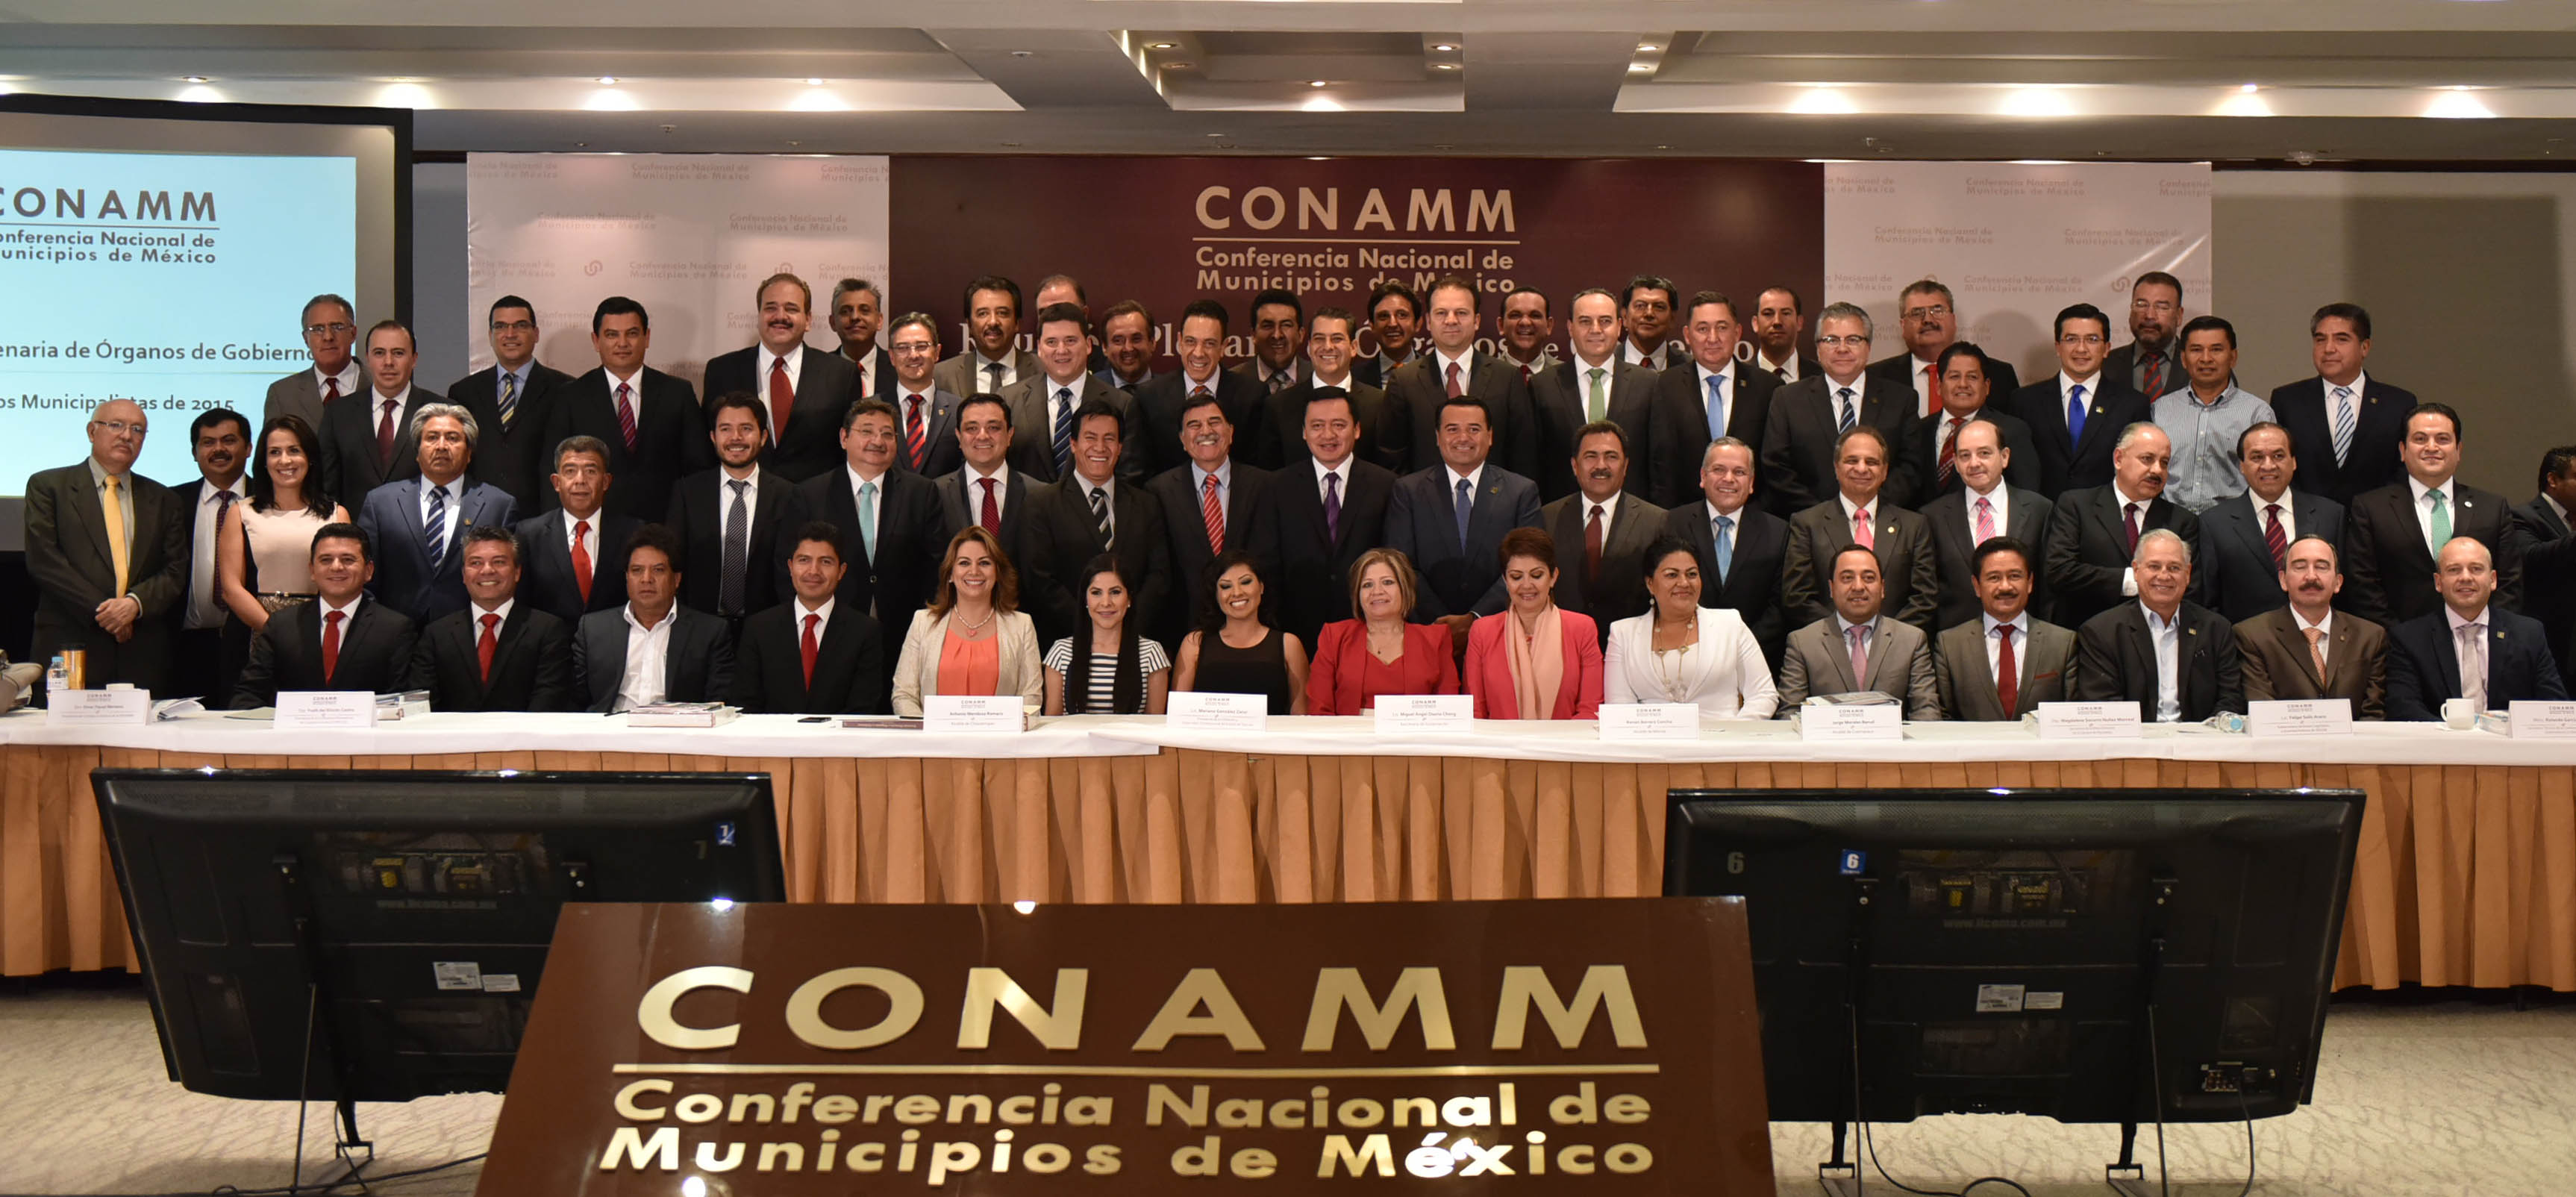 Miguel Ángel Osorio Chong, Secretario de Gobernación, al término de la Reunión Plenaria de Órganos de Gobierno de la Conferencia Nacional de Municipios de México